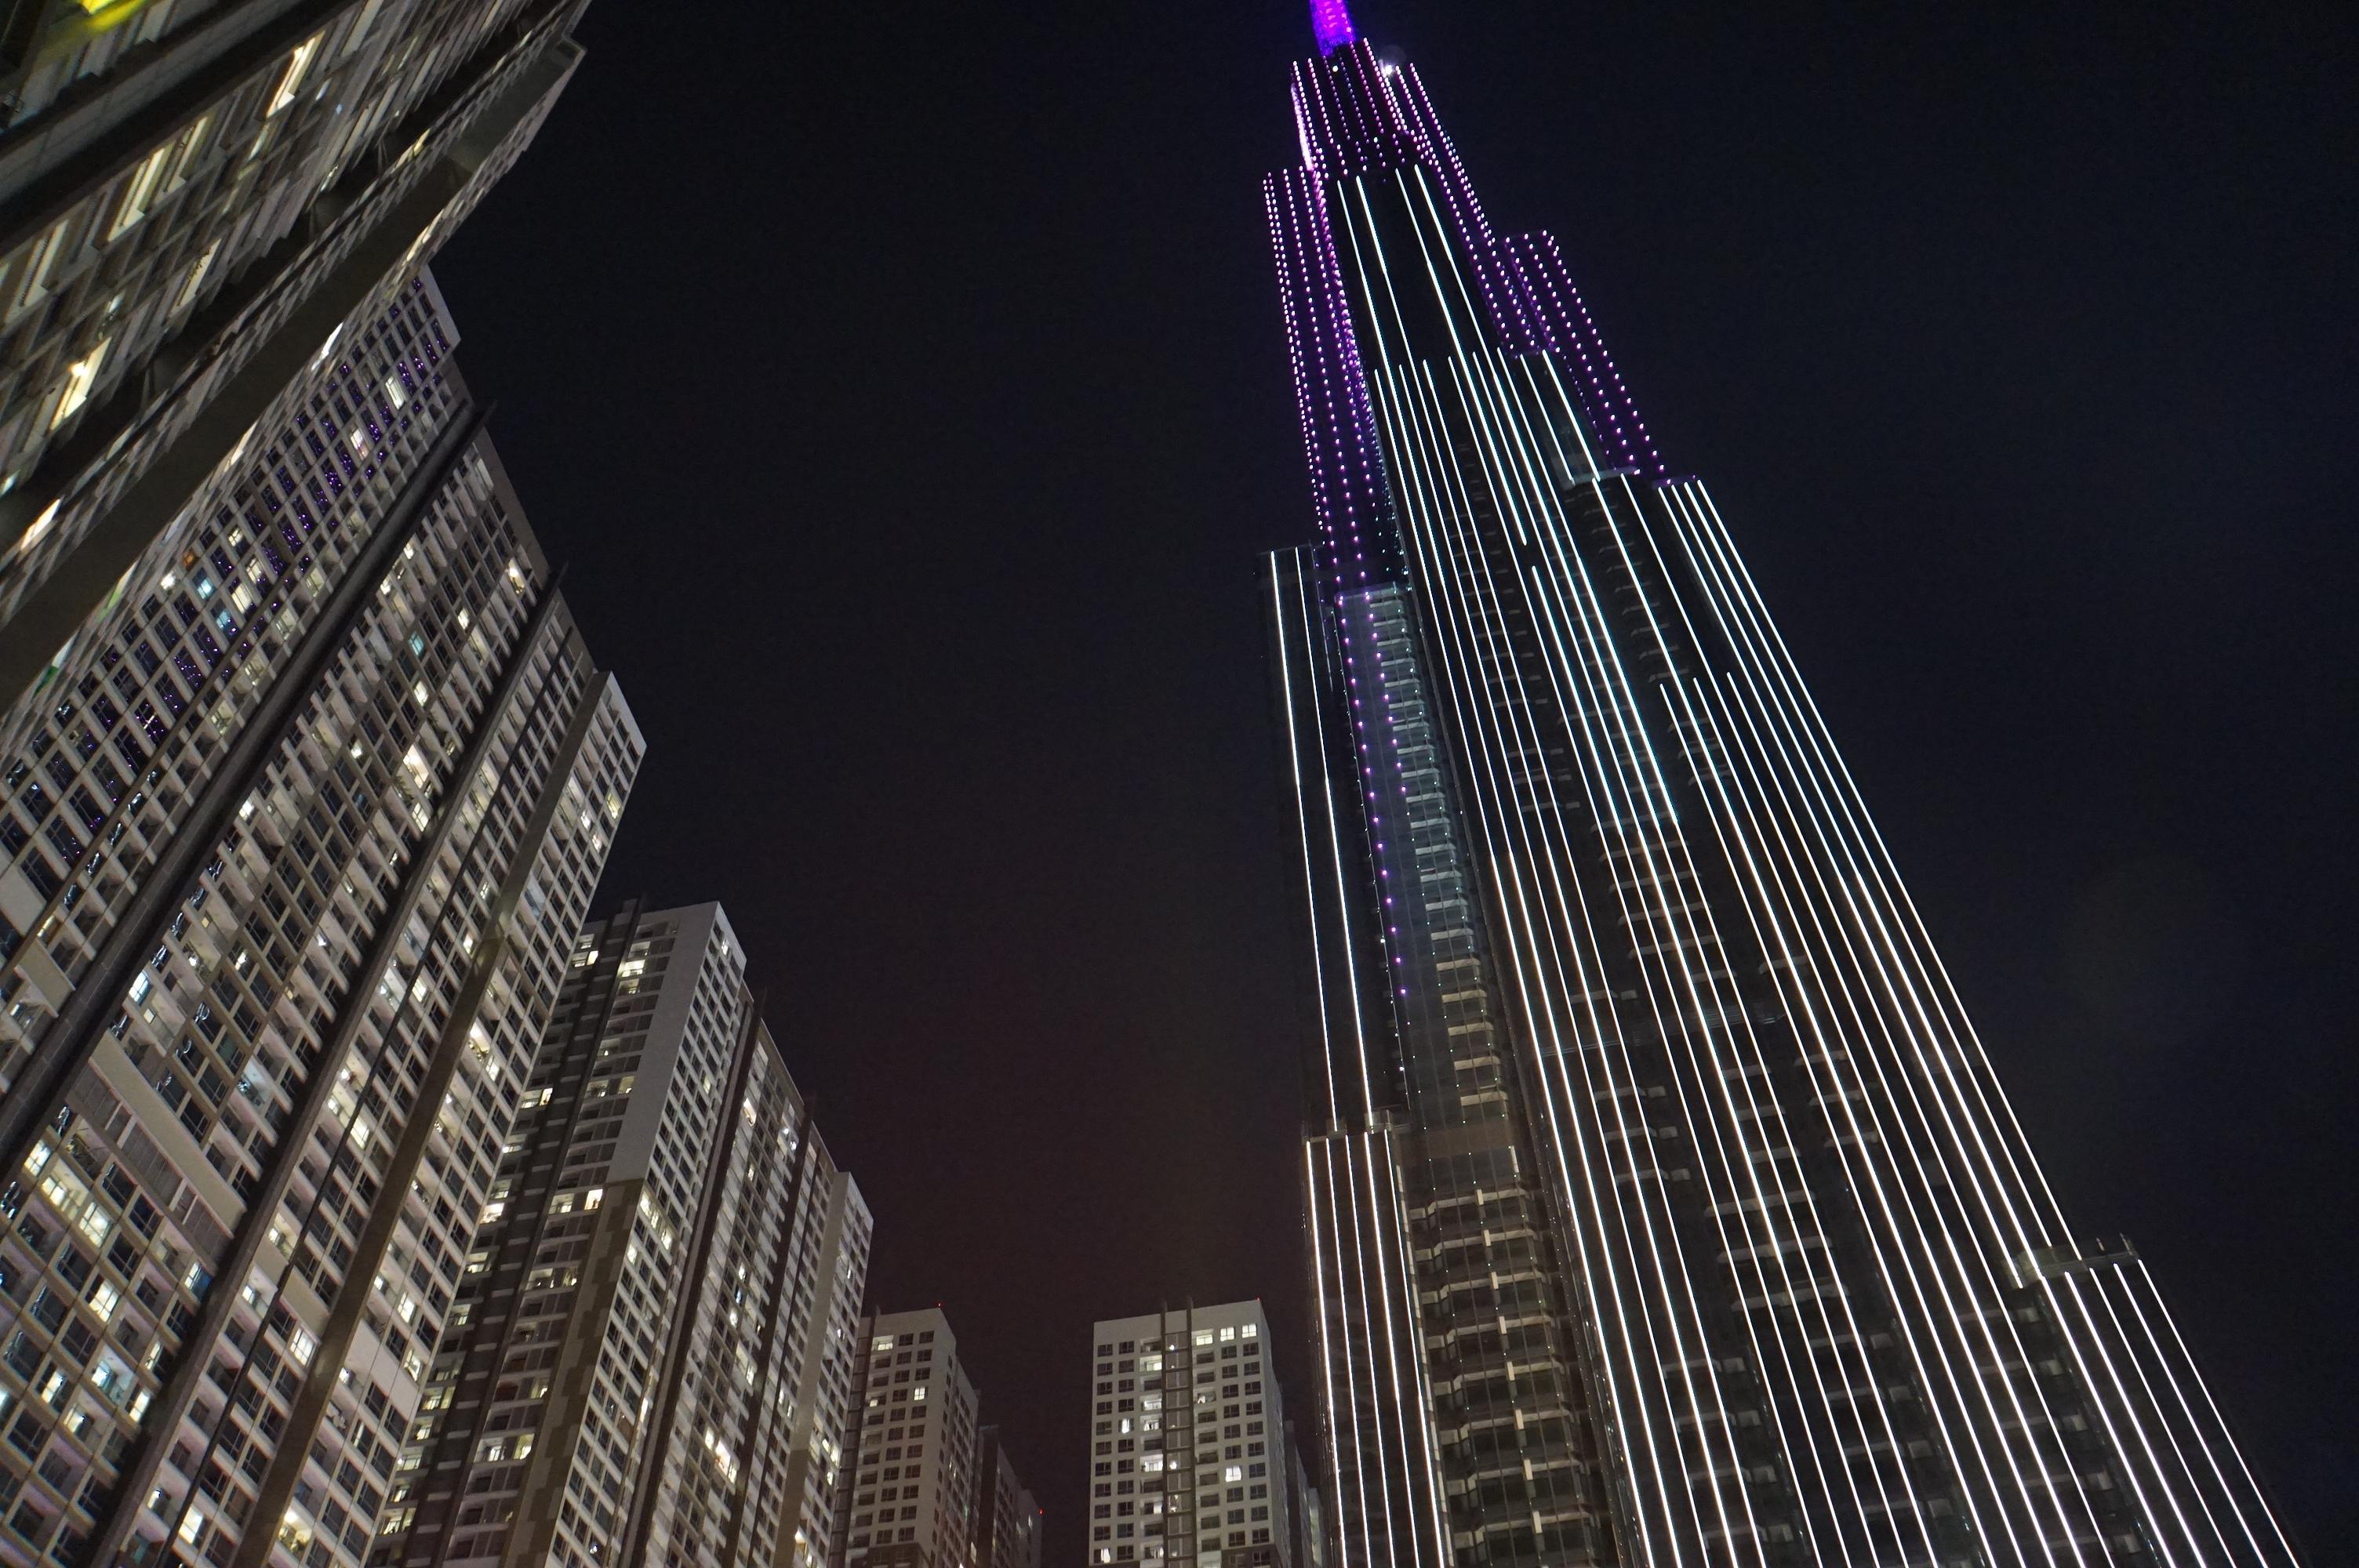 Tòa nhà cao nhất Việt Nam, biểu tượng mới của Sài Gòn lung linh về đêm